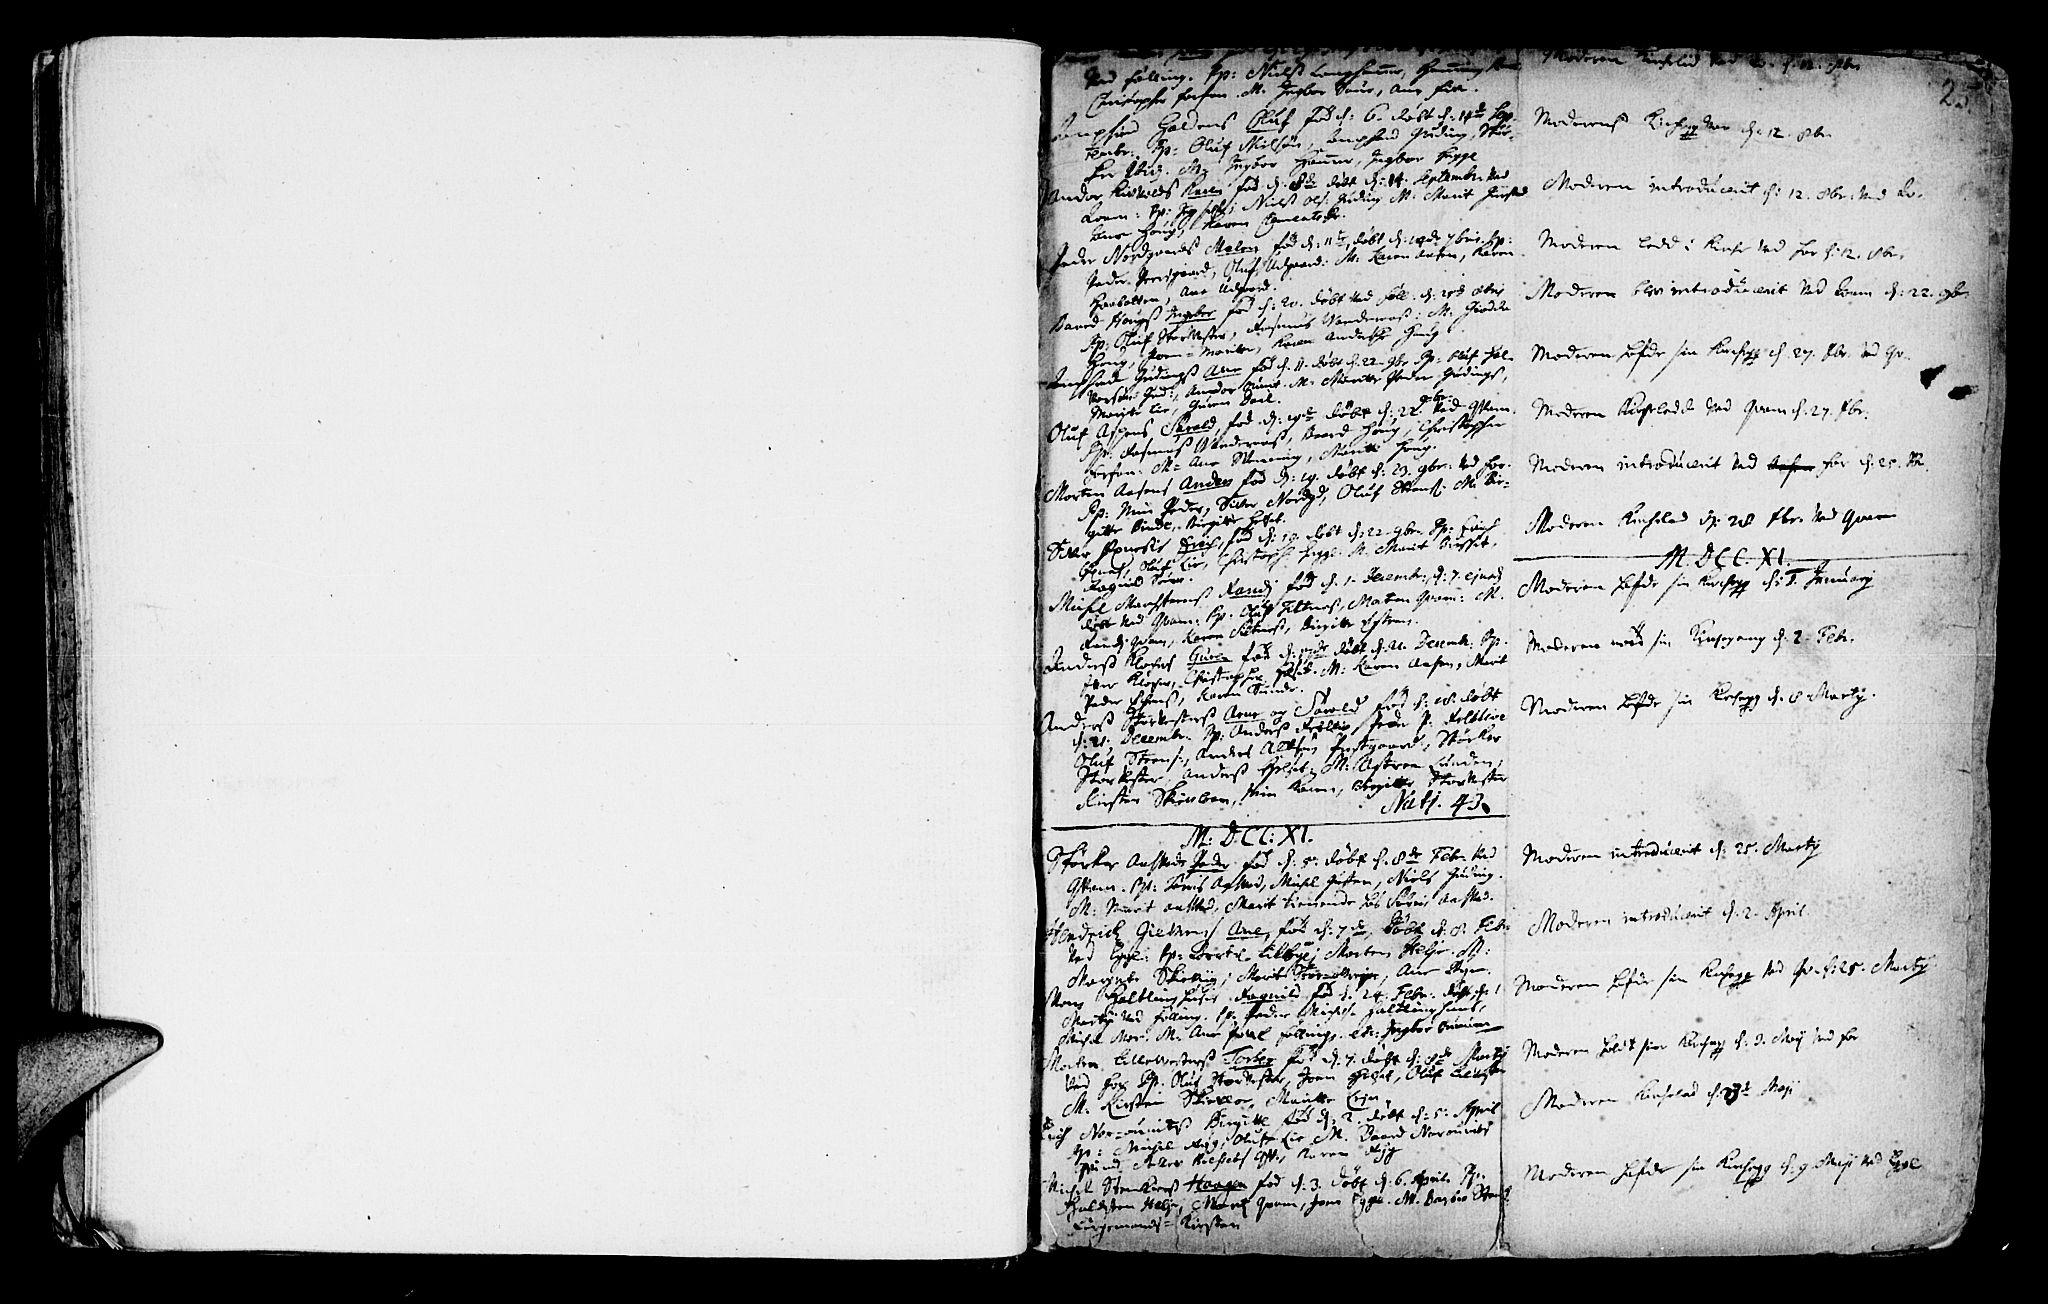 SAT, Ministerialprotokoller, klokkerbøker og fødselsregistre - Nord-Trøndelag, 746/L0439: Ministerialbok nr. 746A01, 1688-1759, s. 25